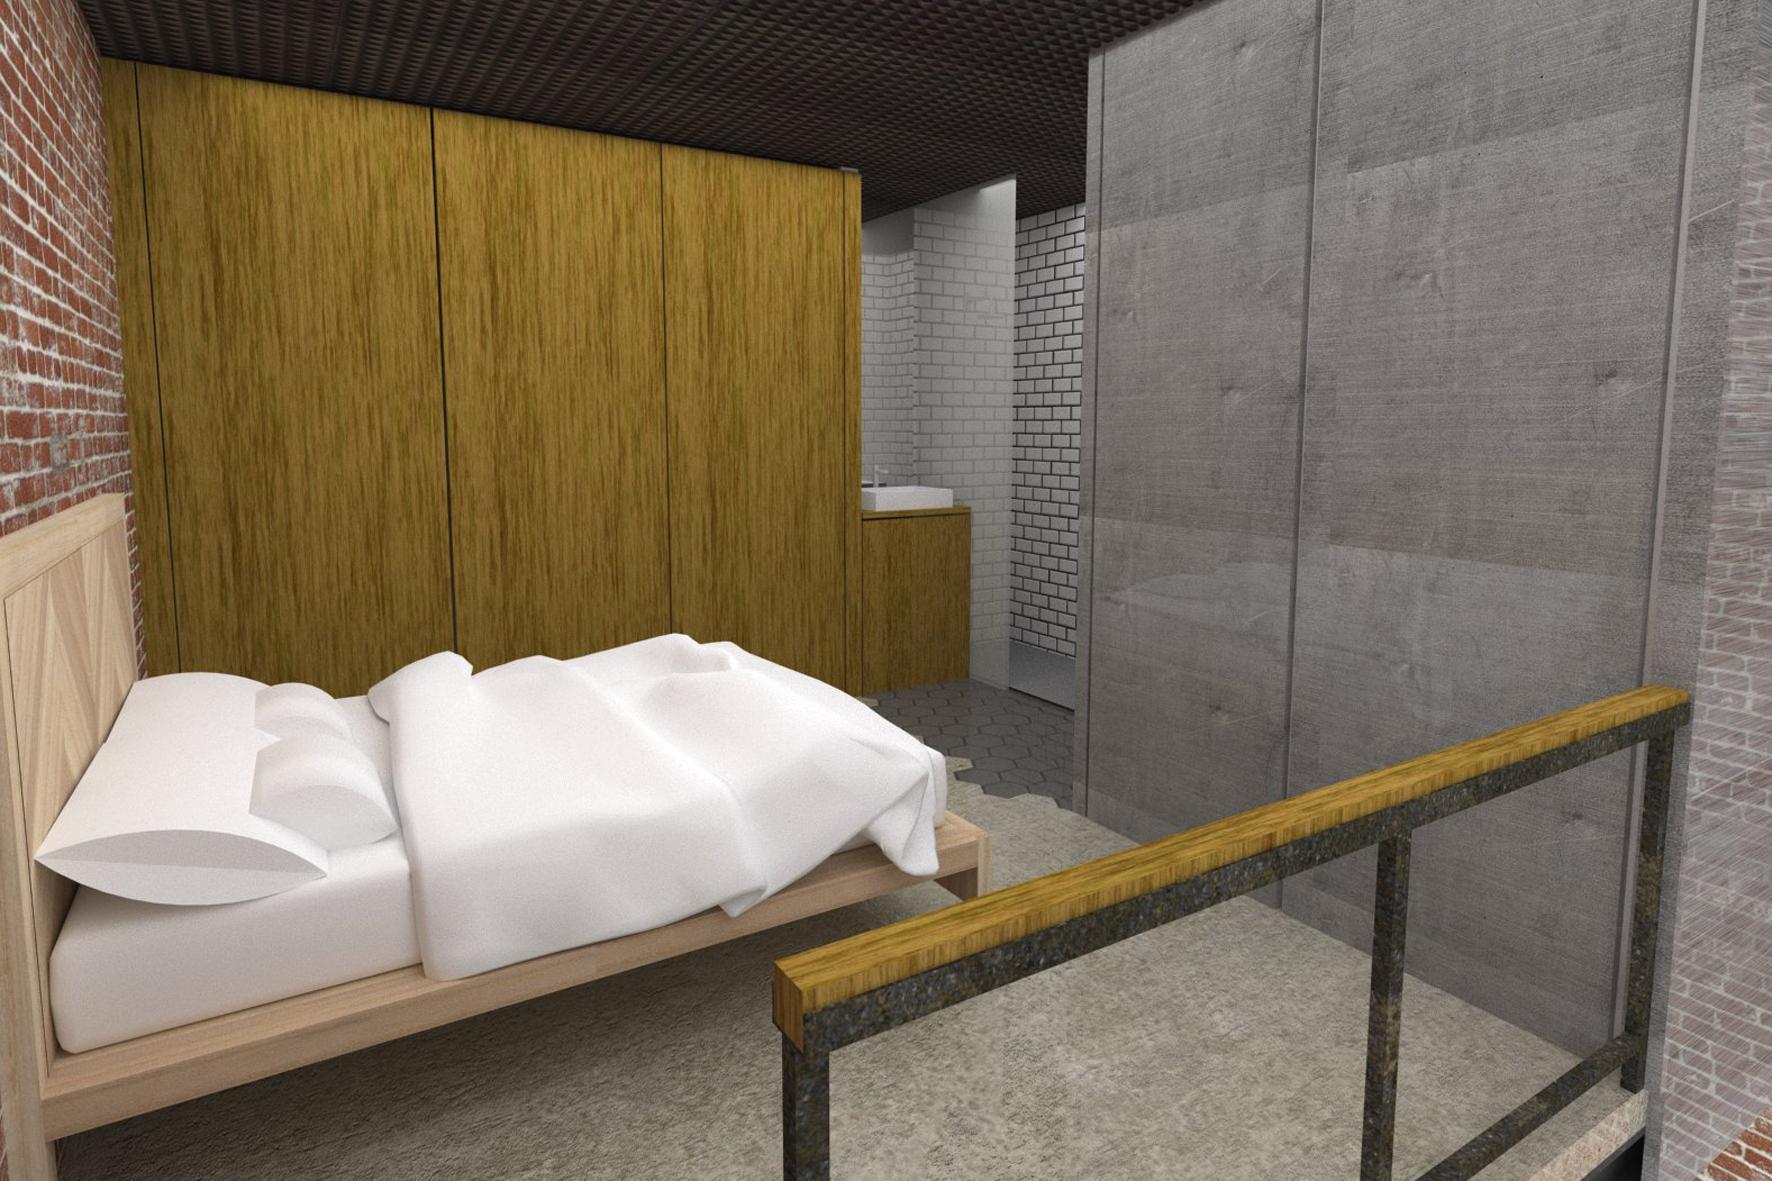 Reforma loft arquitectura interiorismo studiobmk (1)